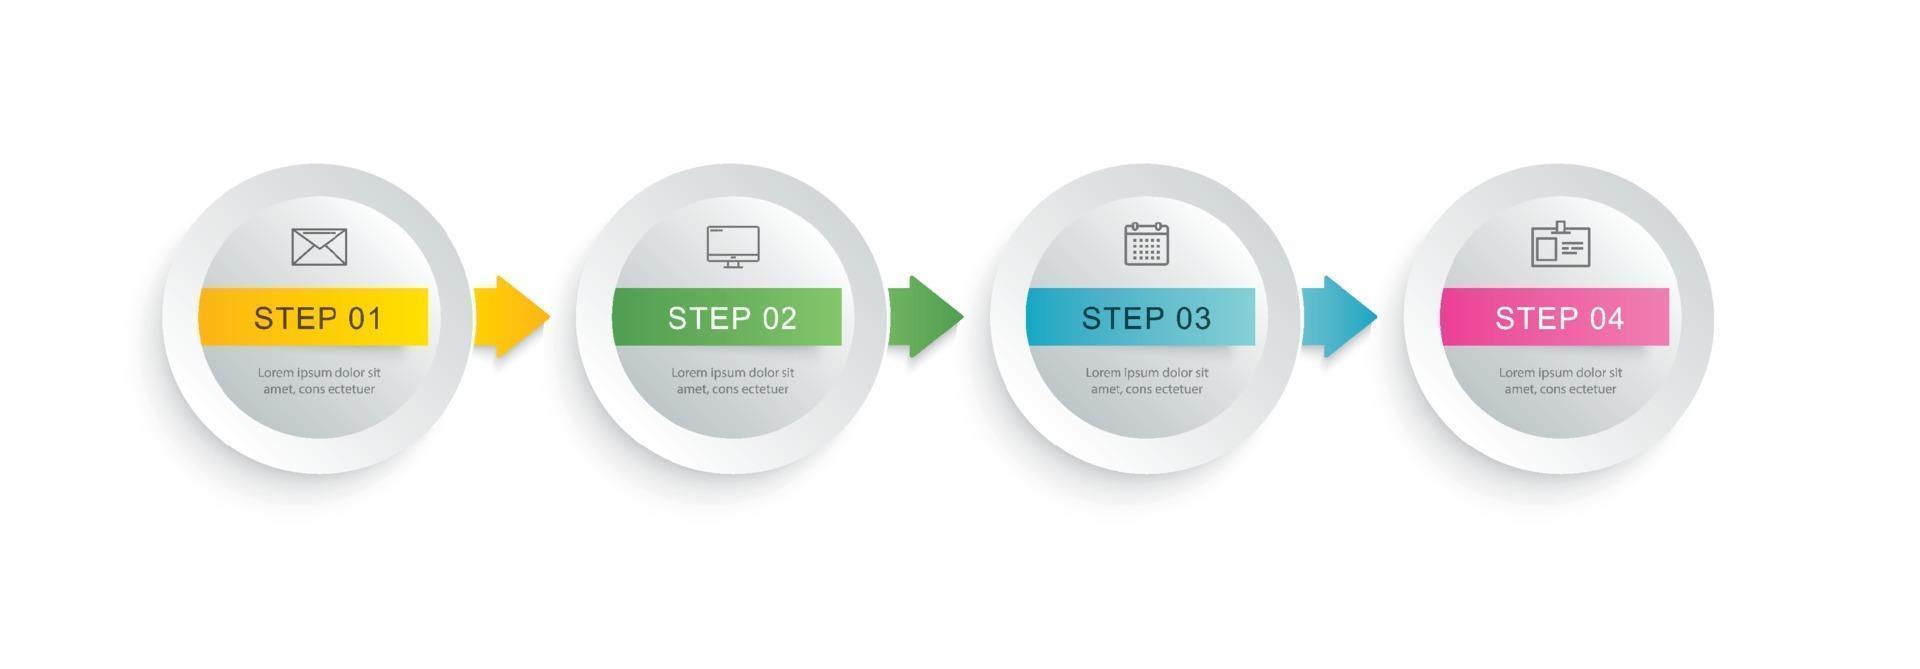 4 círculo infográfico de etapa com modelo de cronograma abstrato. apresentação passo negócios moderno fundo. vetor